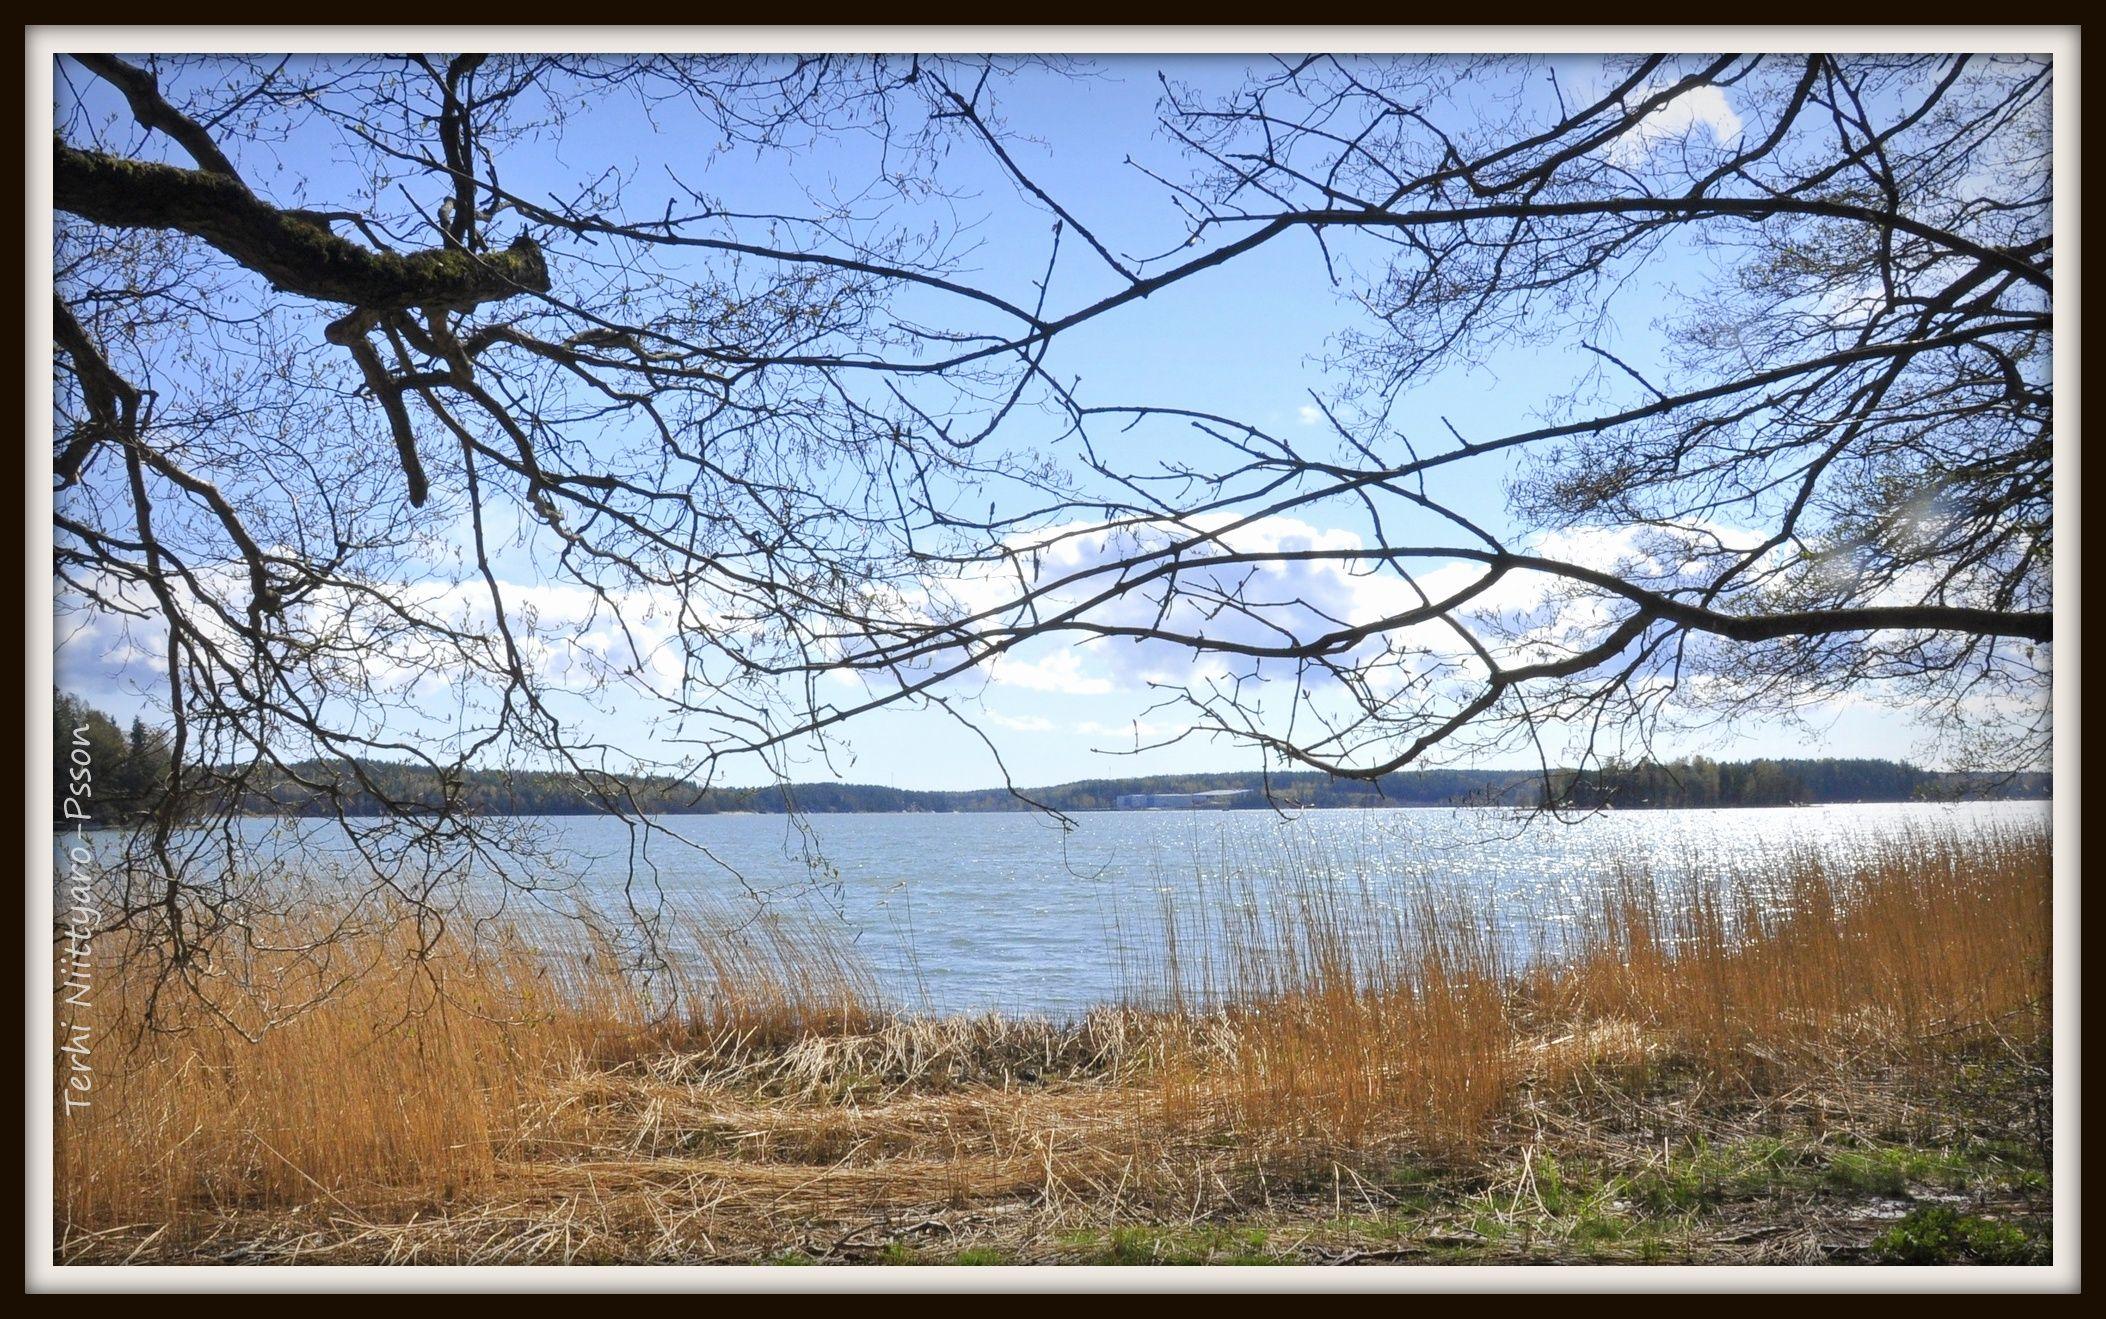 Parainen, Munkvikin luontopolku (naturetrail), toukokuu 2014. Kuvaaja Terhi Niittyaro-P.